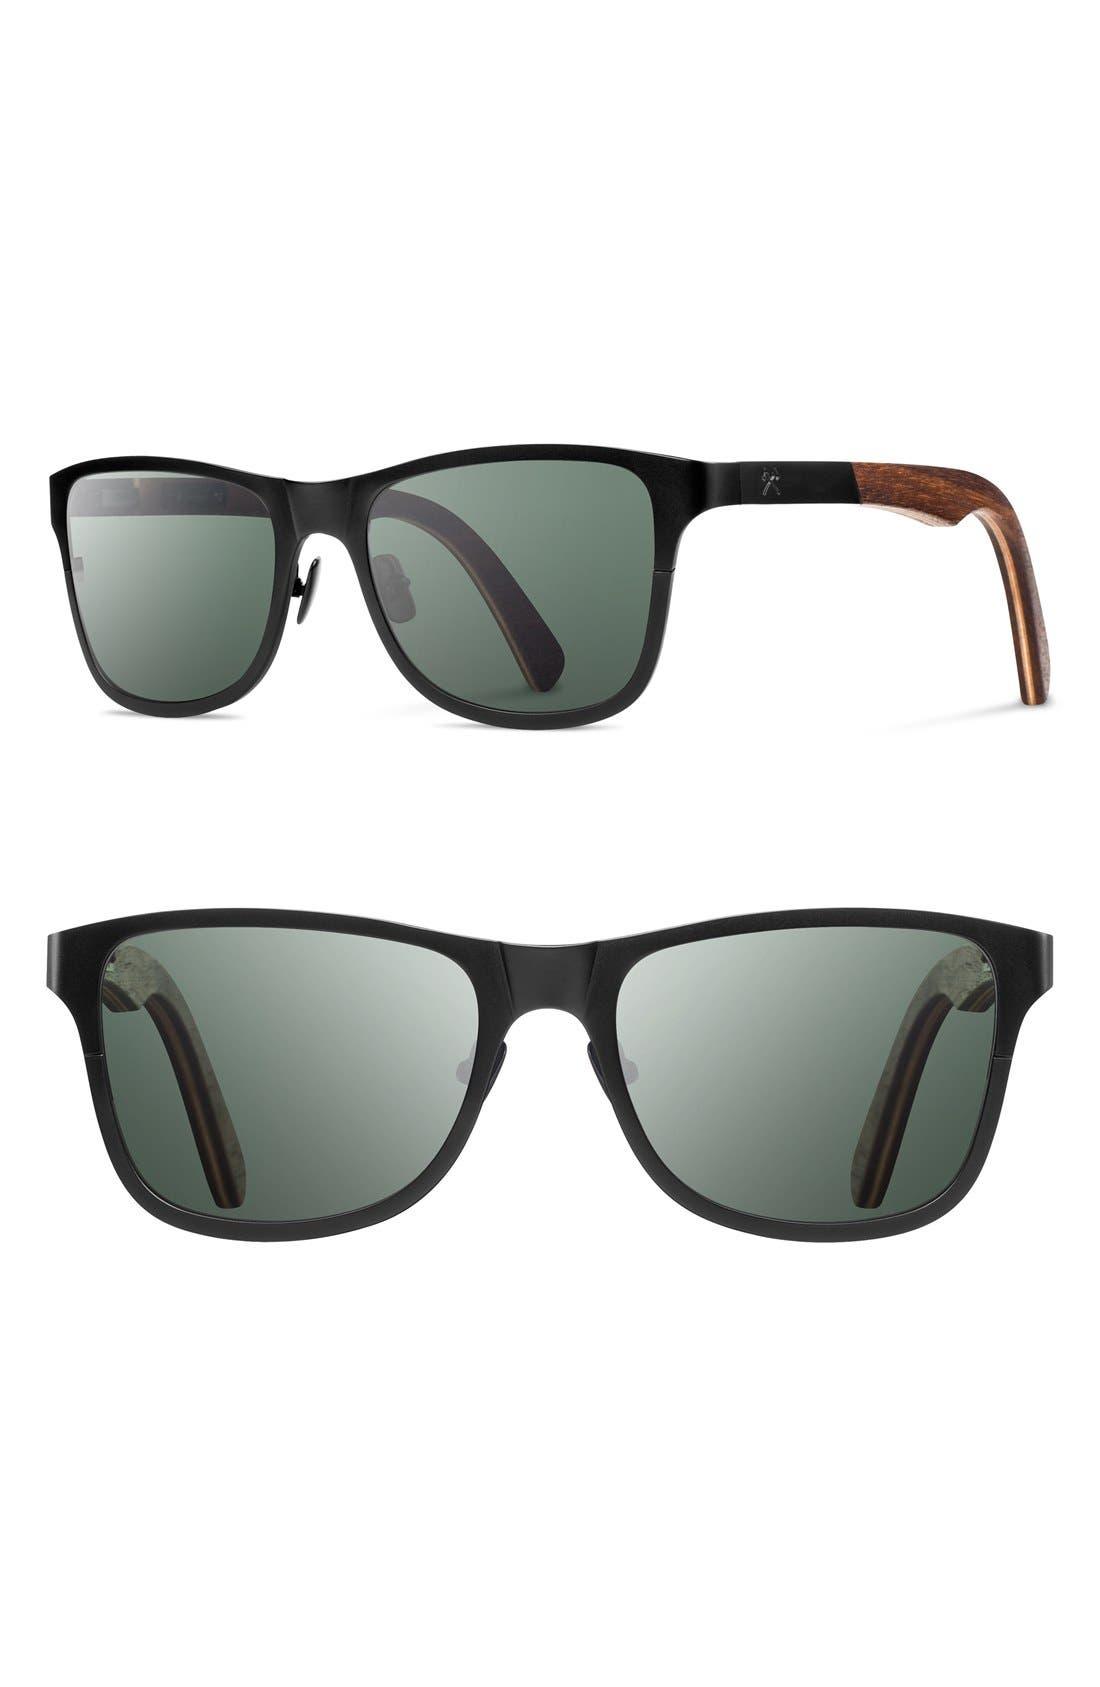 Main Image - Shwood 'Canby' 54mm Polarized Titanium & Wood Sunglasses